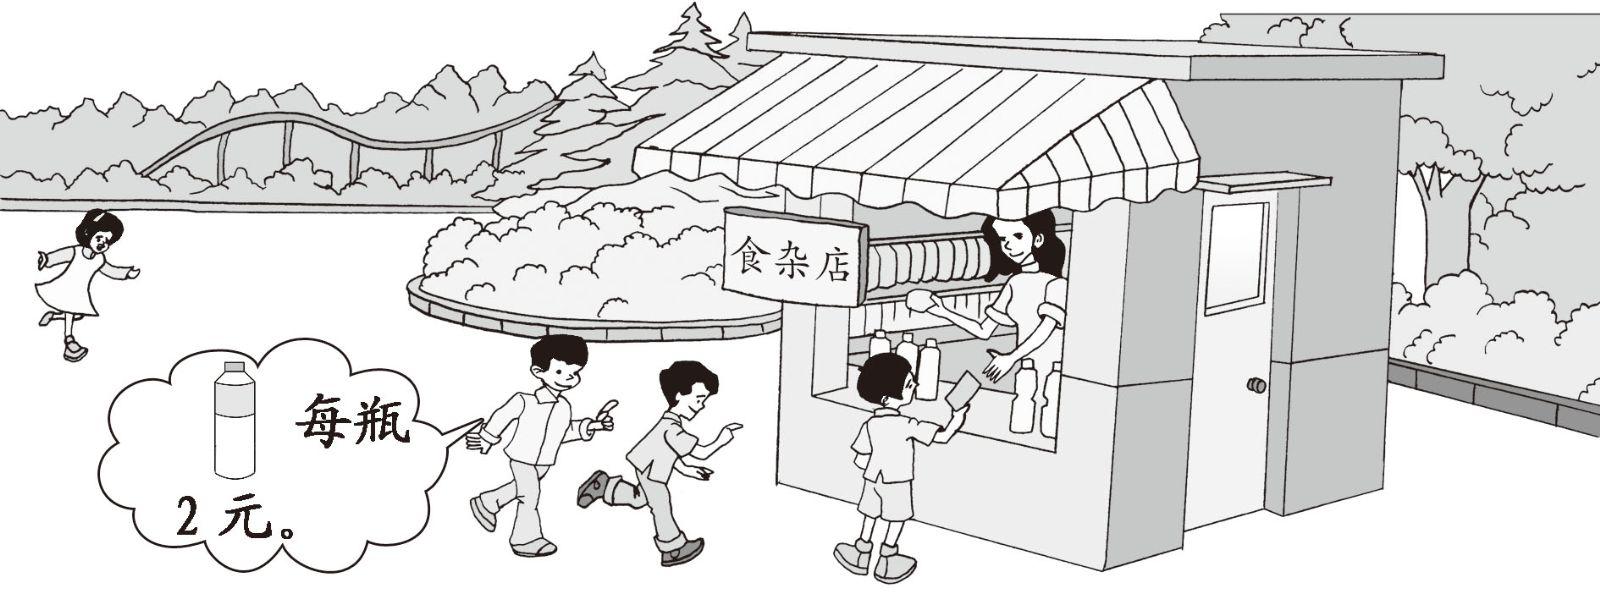 笔画平面图手绘简卧室图片展示东风路小学郑州图片